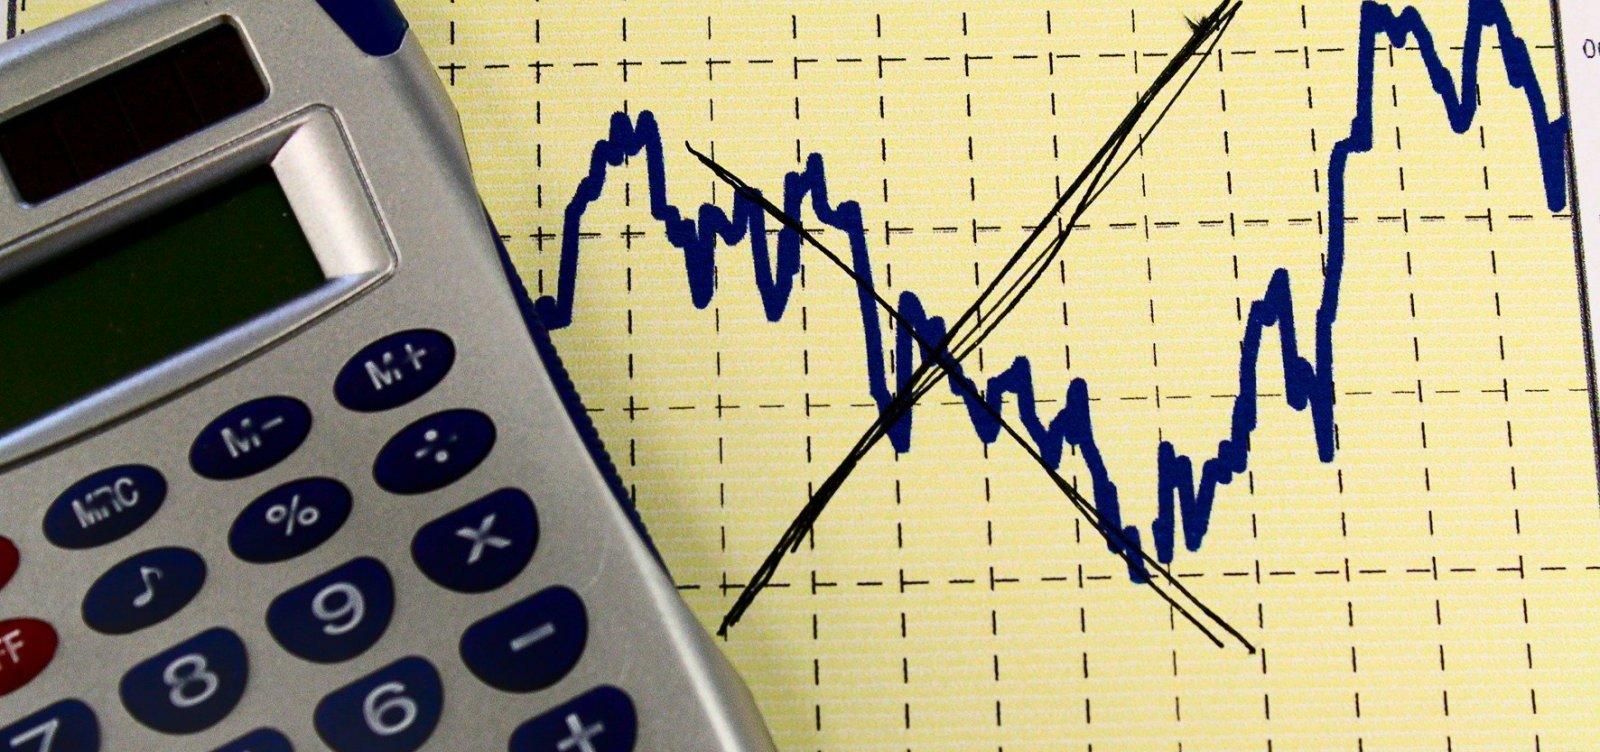 [Em meio à pandemia, PIB do Brasil encolhe 1,5% no 1º trimestre]